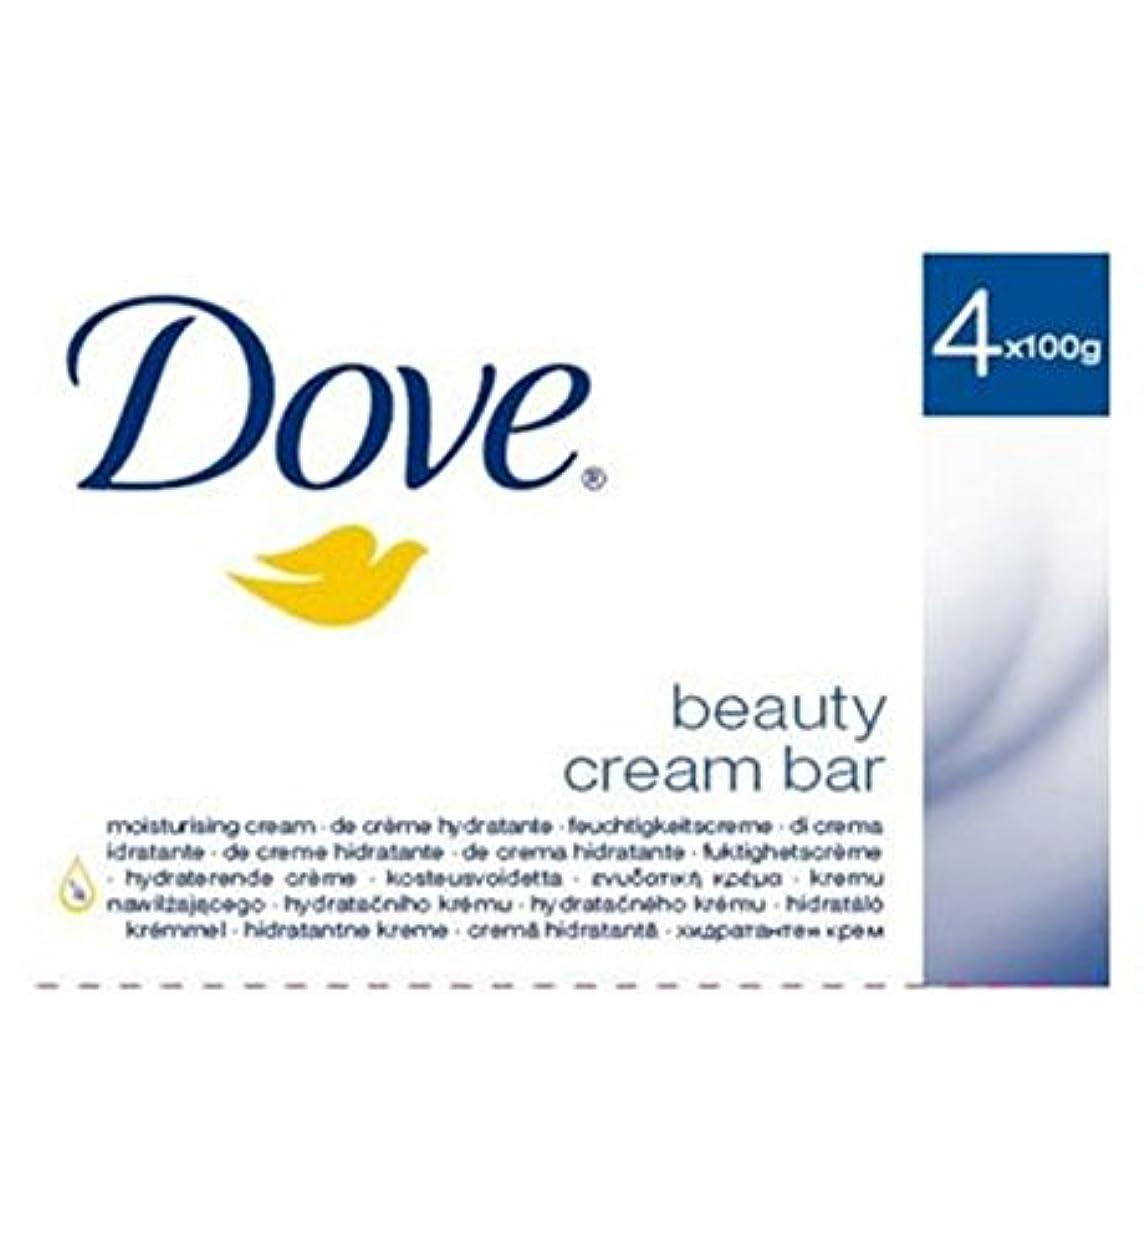 演劇彼女自身艶Dove Original Beauty Cream Bar 4 x 100g - 鳩元の美しさのクリームバー4のX 100グラム (Dove) [並行輸入品]